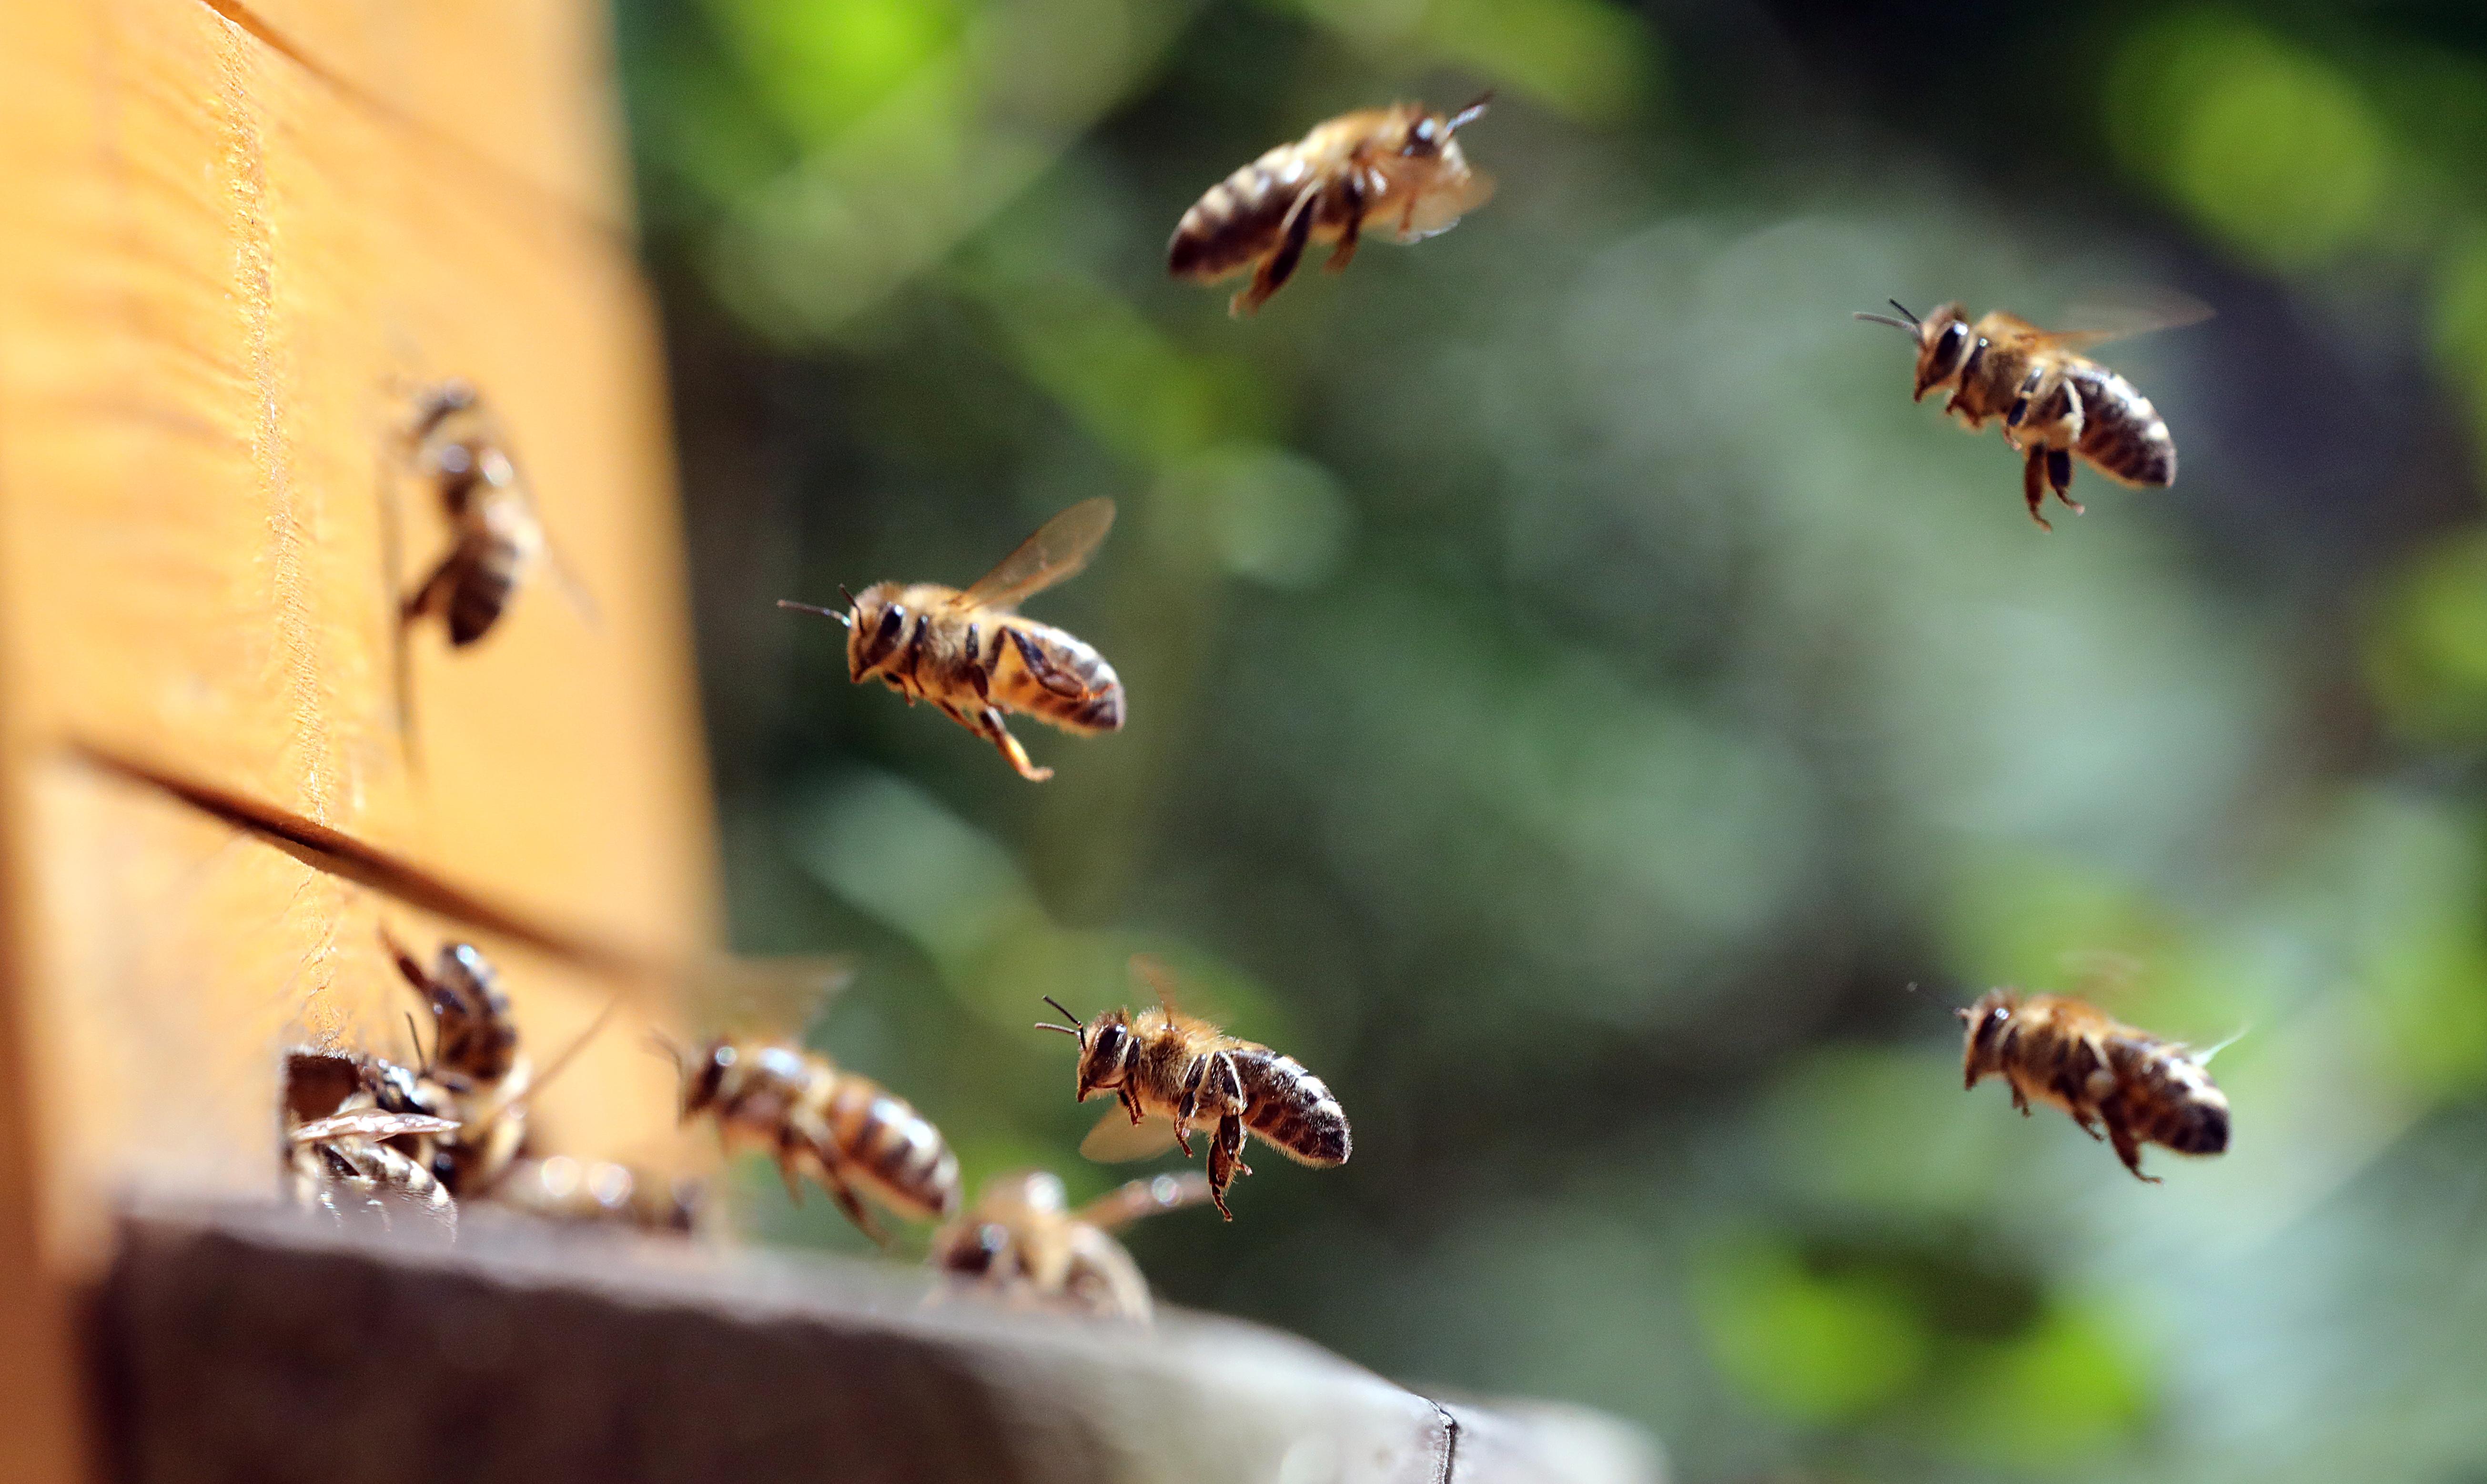 Olyan rohamos ütemben pusztulnak a rovarok, hogy még ebben az évszázadban összeomolhat az élővilág